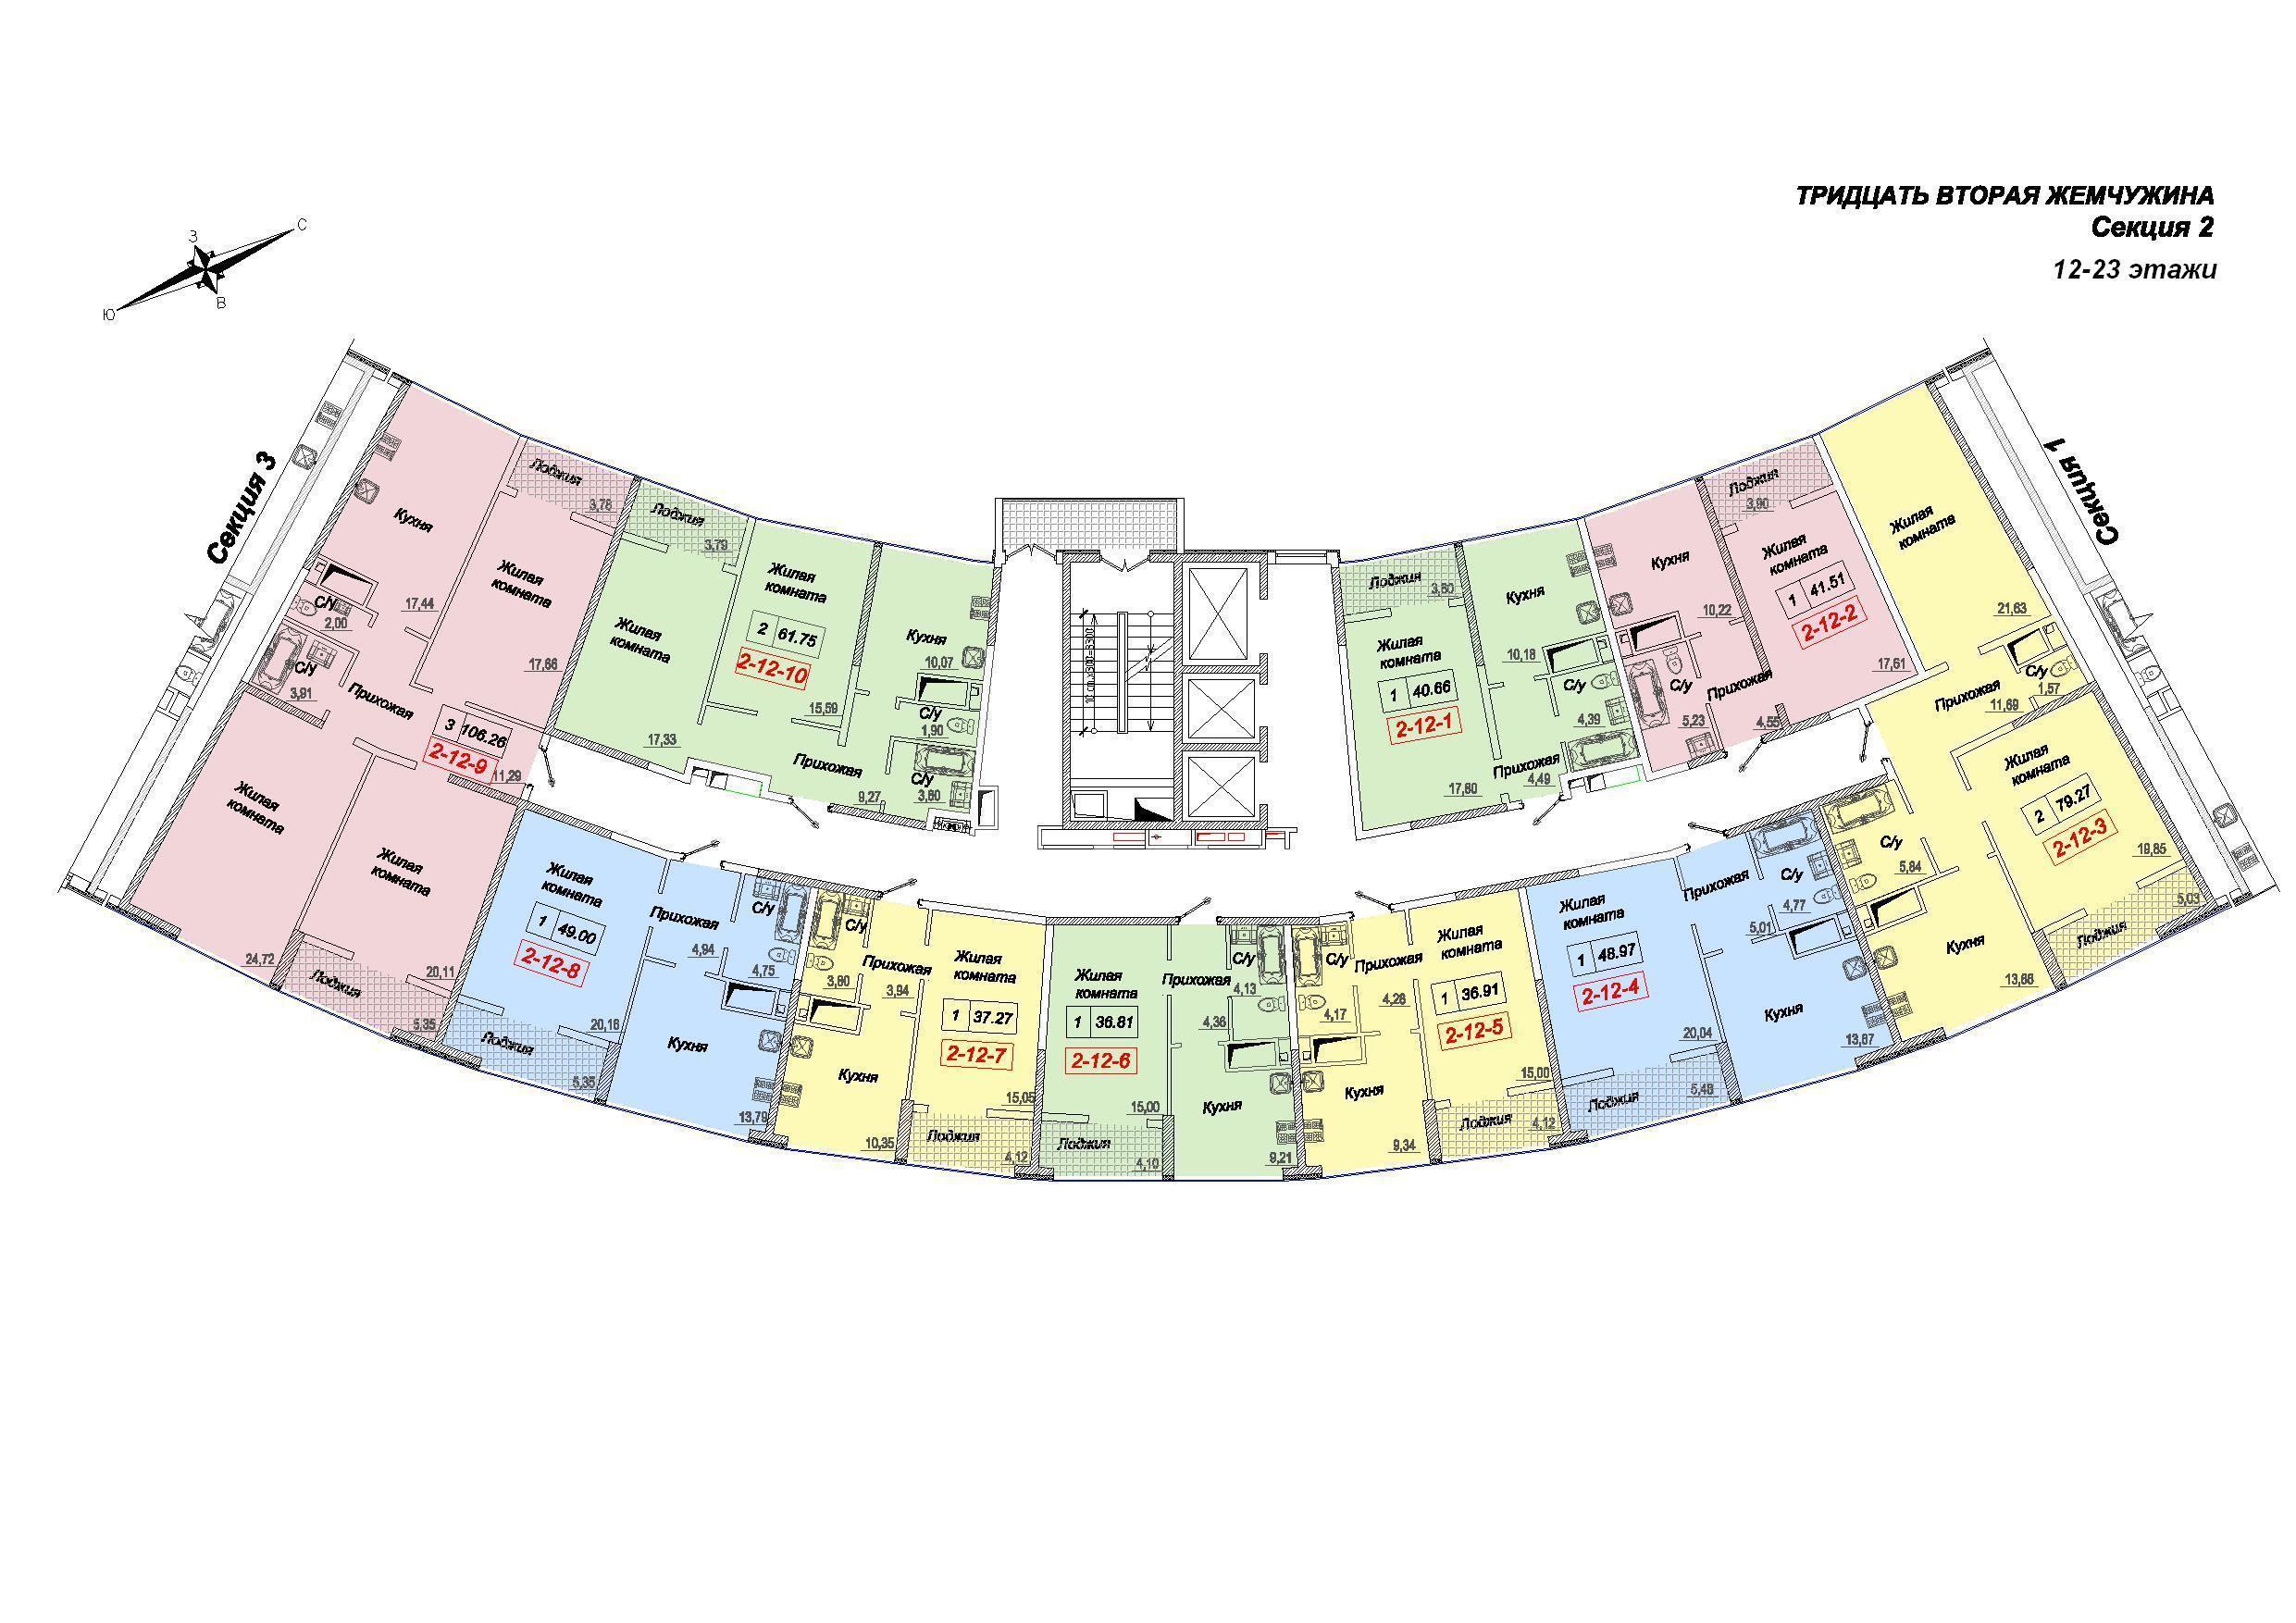 ЖК 32 Жемчужина 2 секция 12-23 этажи